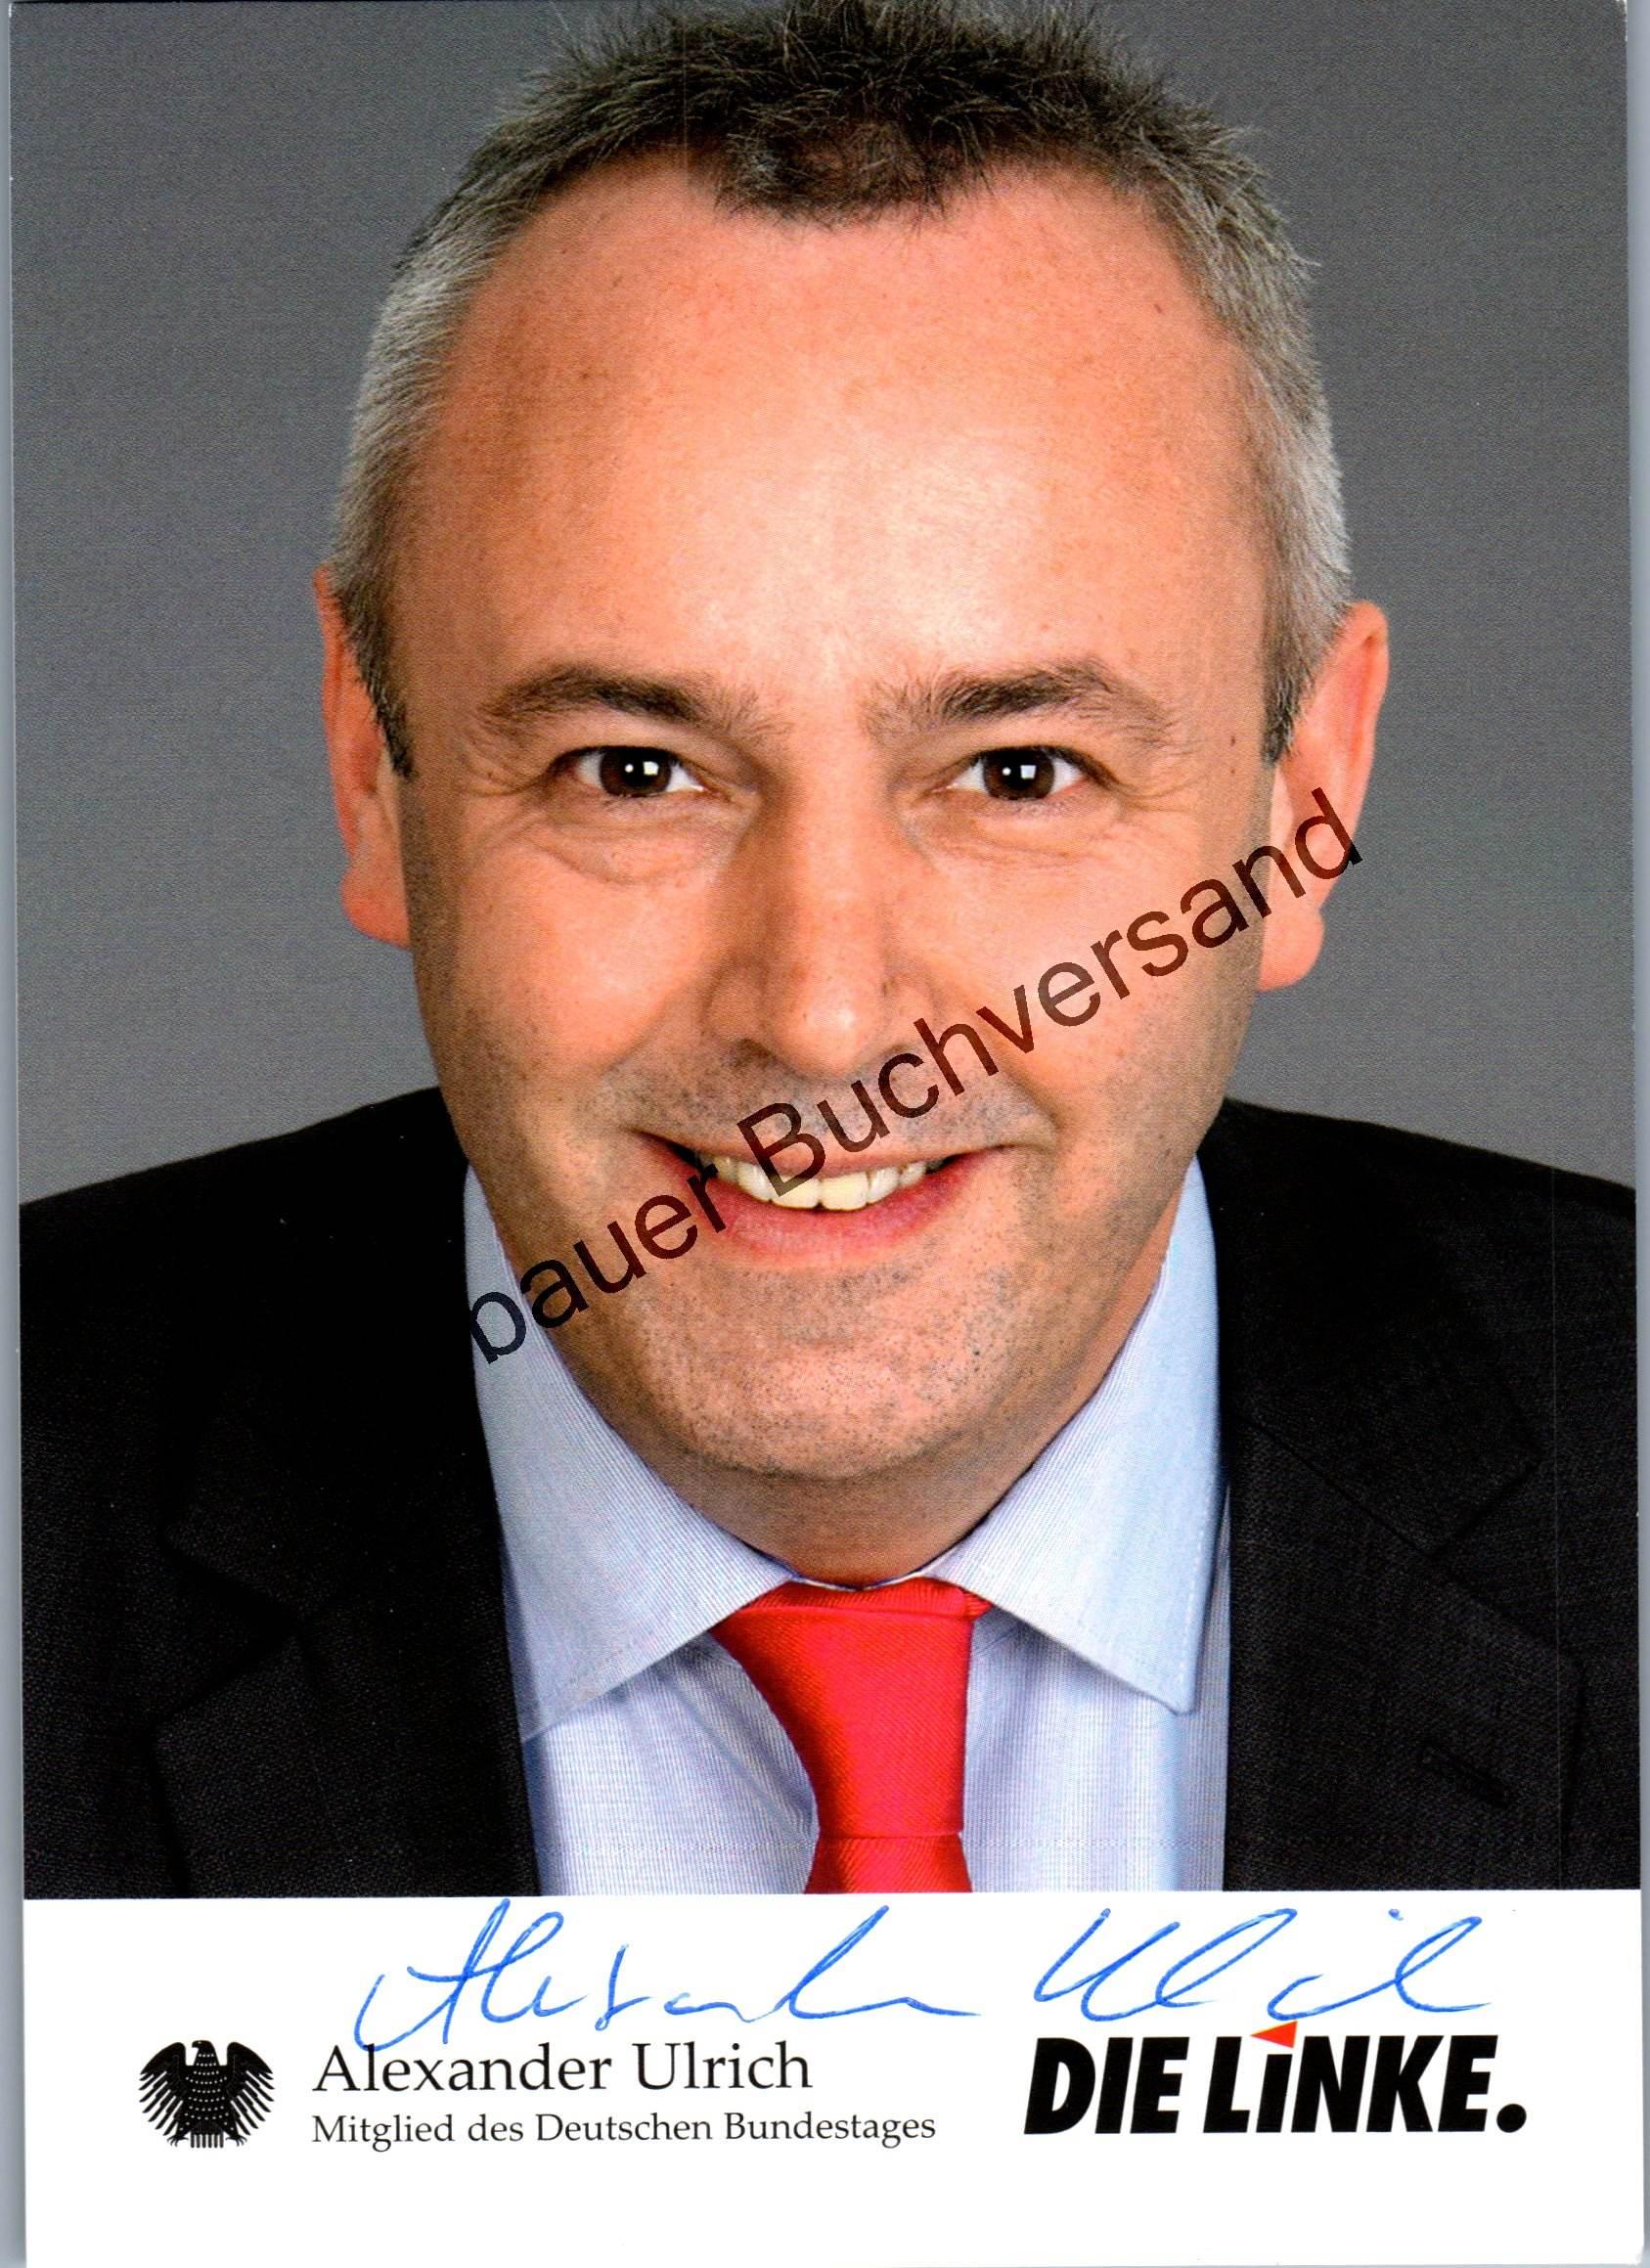 Ulrich, Alexander : Original Autogramm Alexander Ulrich Die Linke MdB parl. Geschäftsführer der Fraktion  /// Autogramm Autograph signiert signed signee